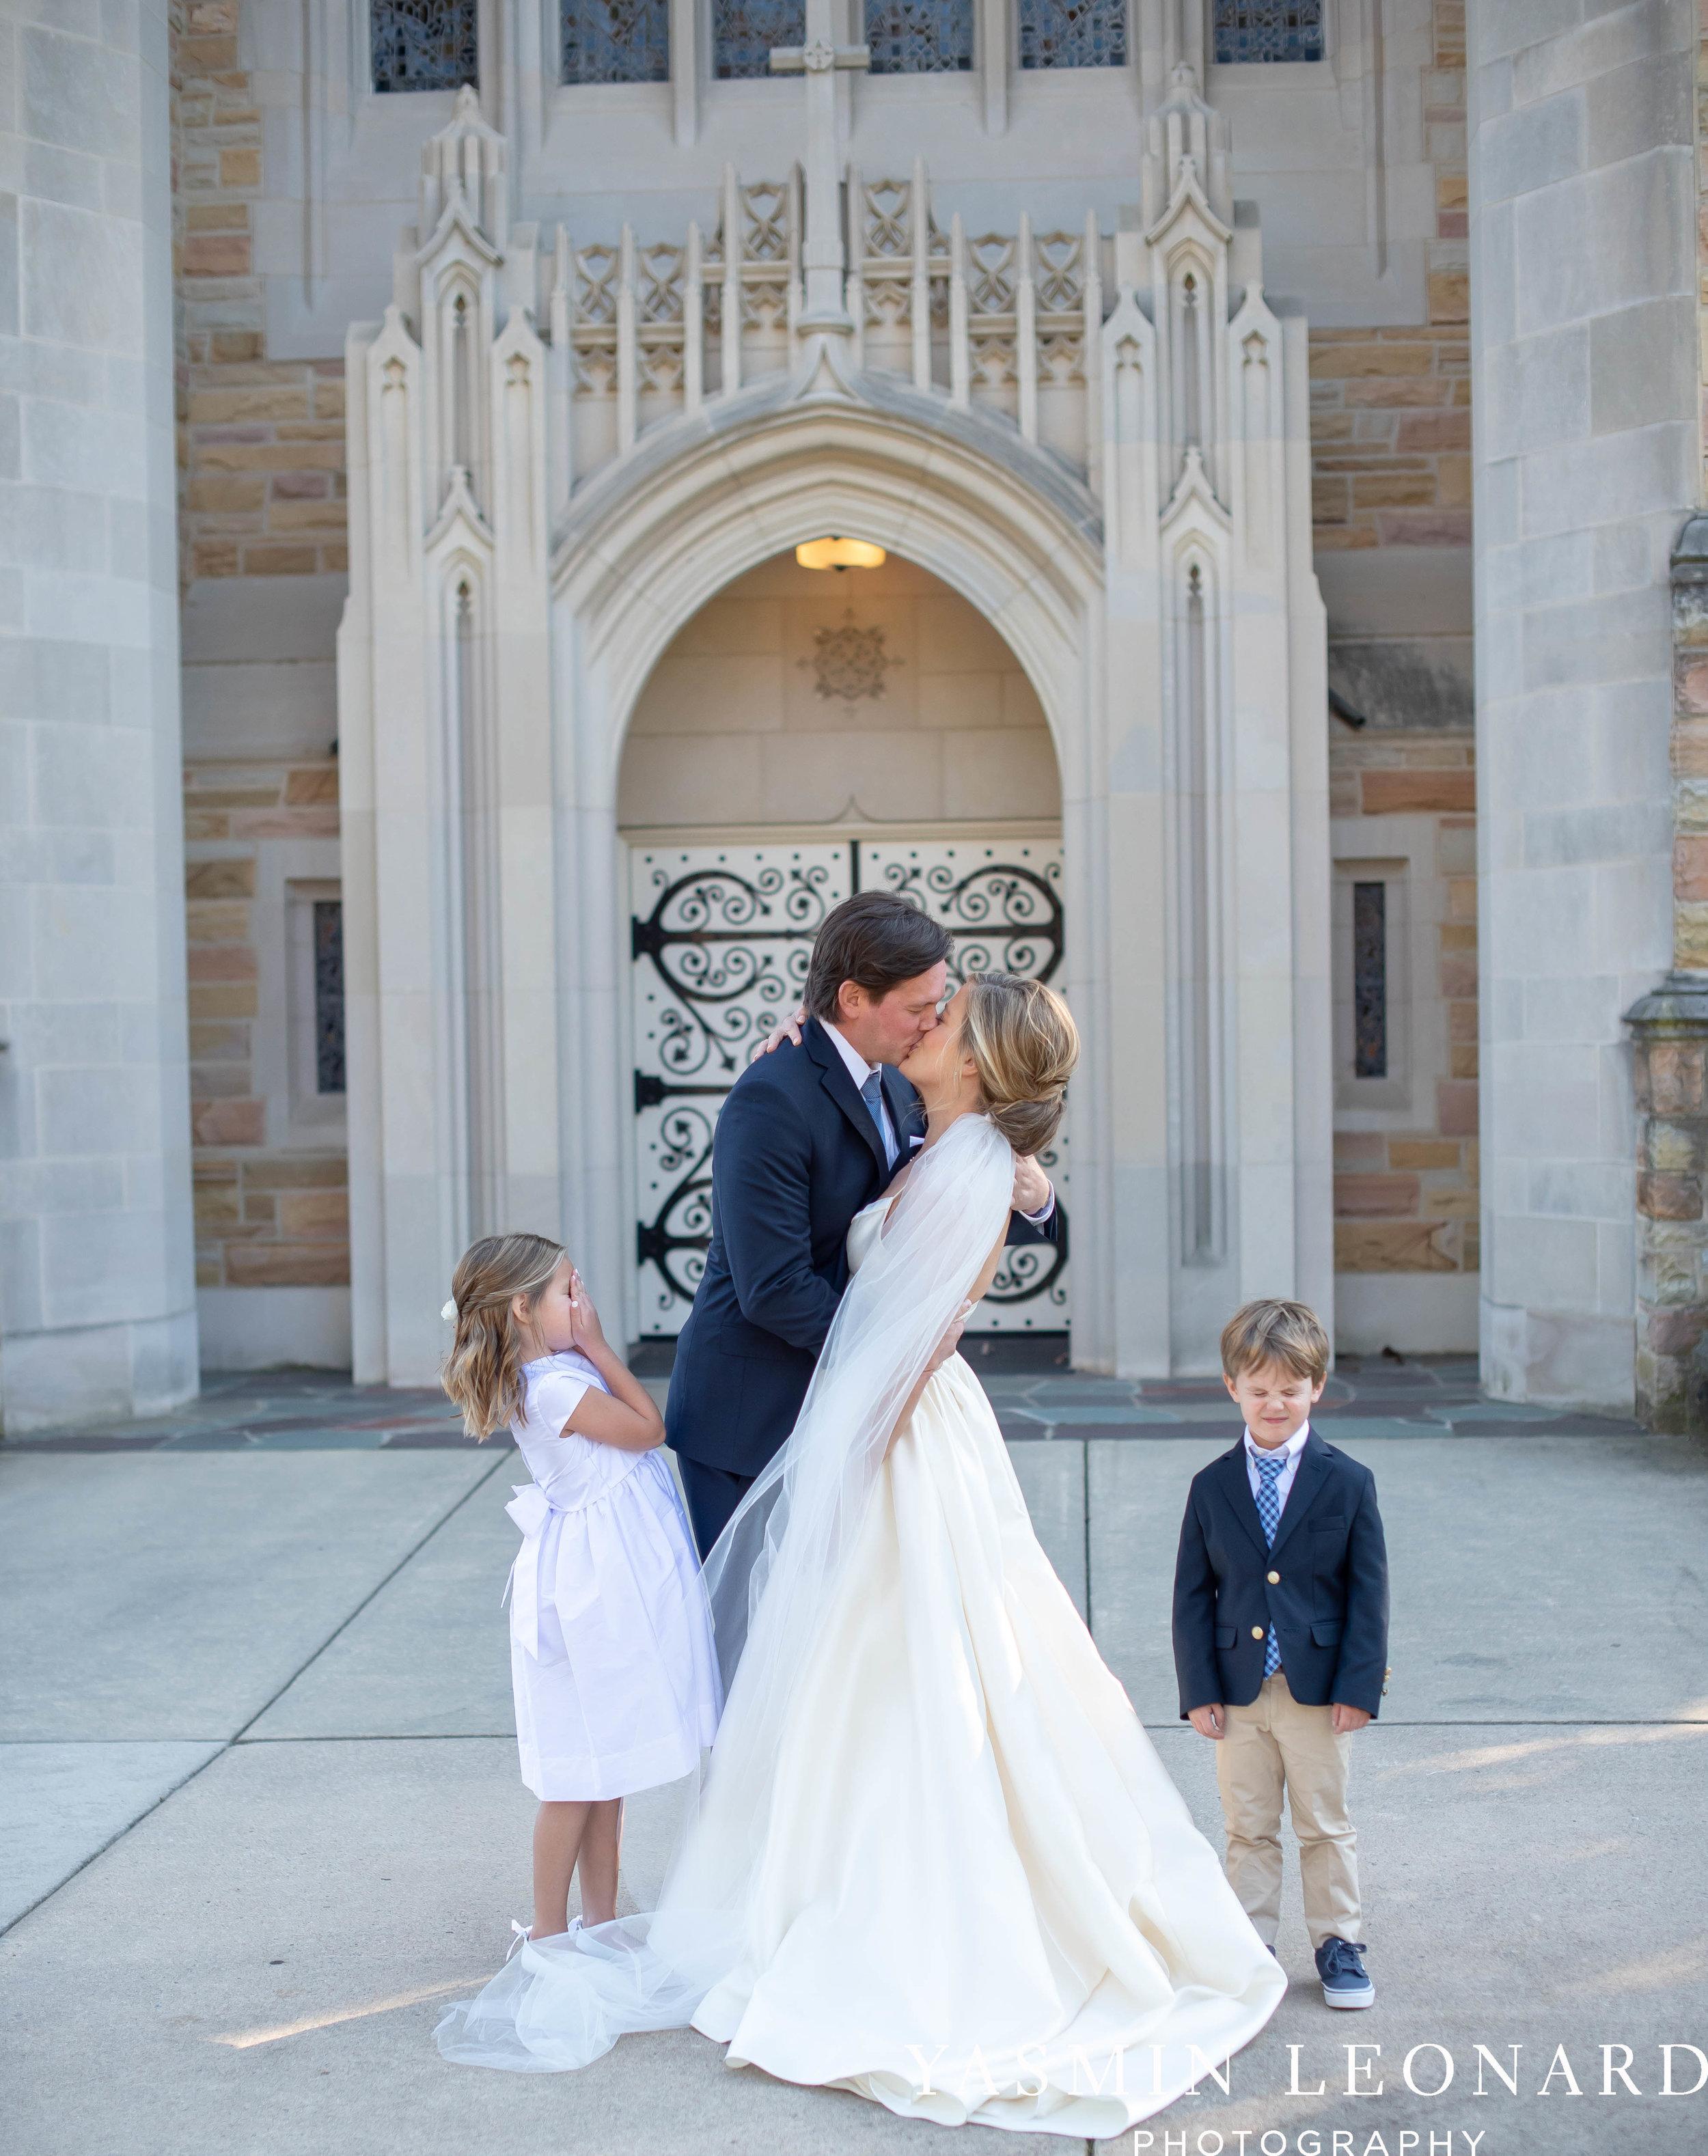 Wesley Memorial United Methodist Church - EmeryWood - High Point Weddings - High Point Wedding Photographer - NC Wedding Photographer - Yasmin Leonard Photography-34.jpg